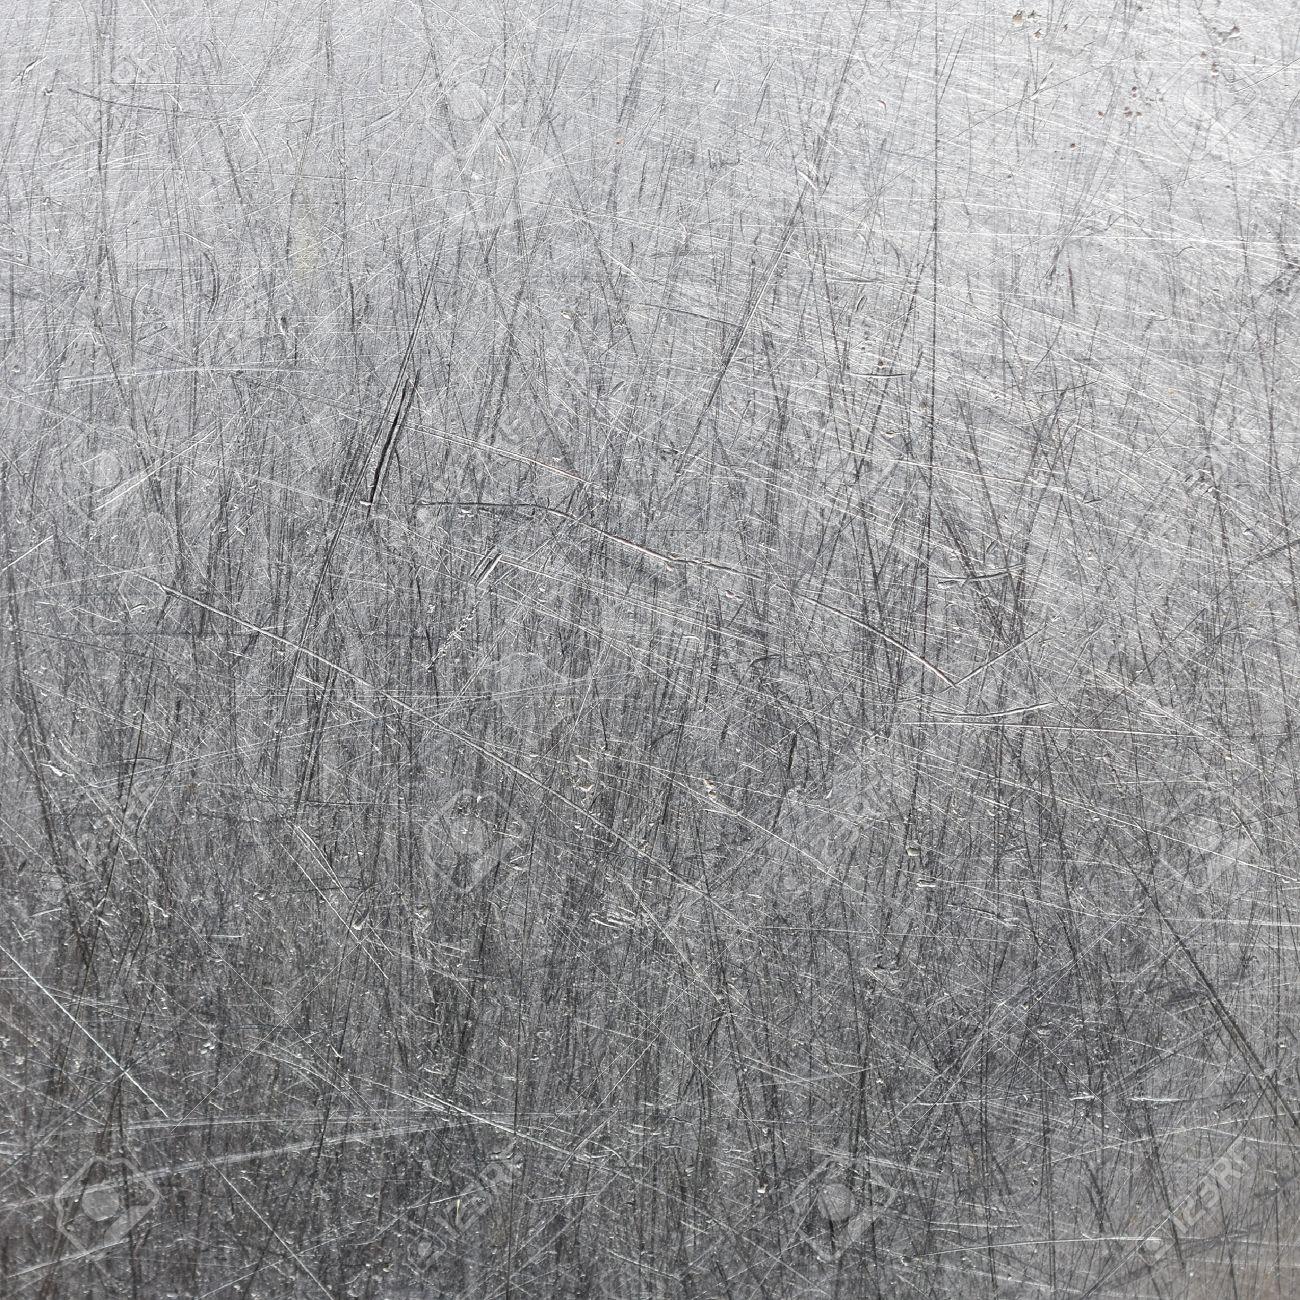 Scratched metal texture - 64275403